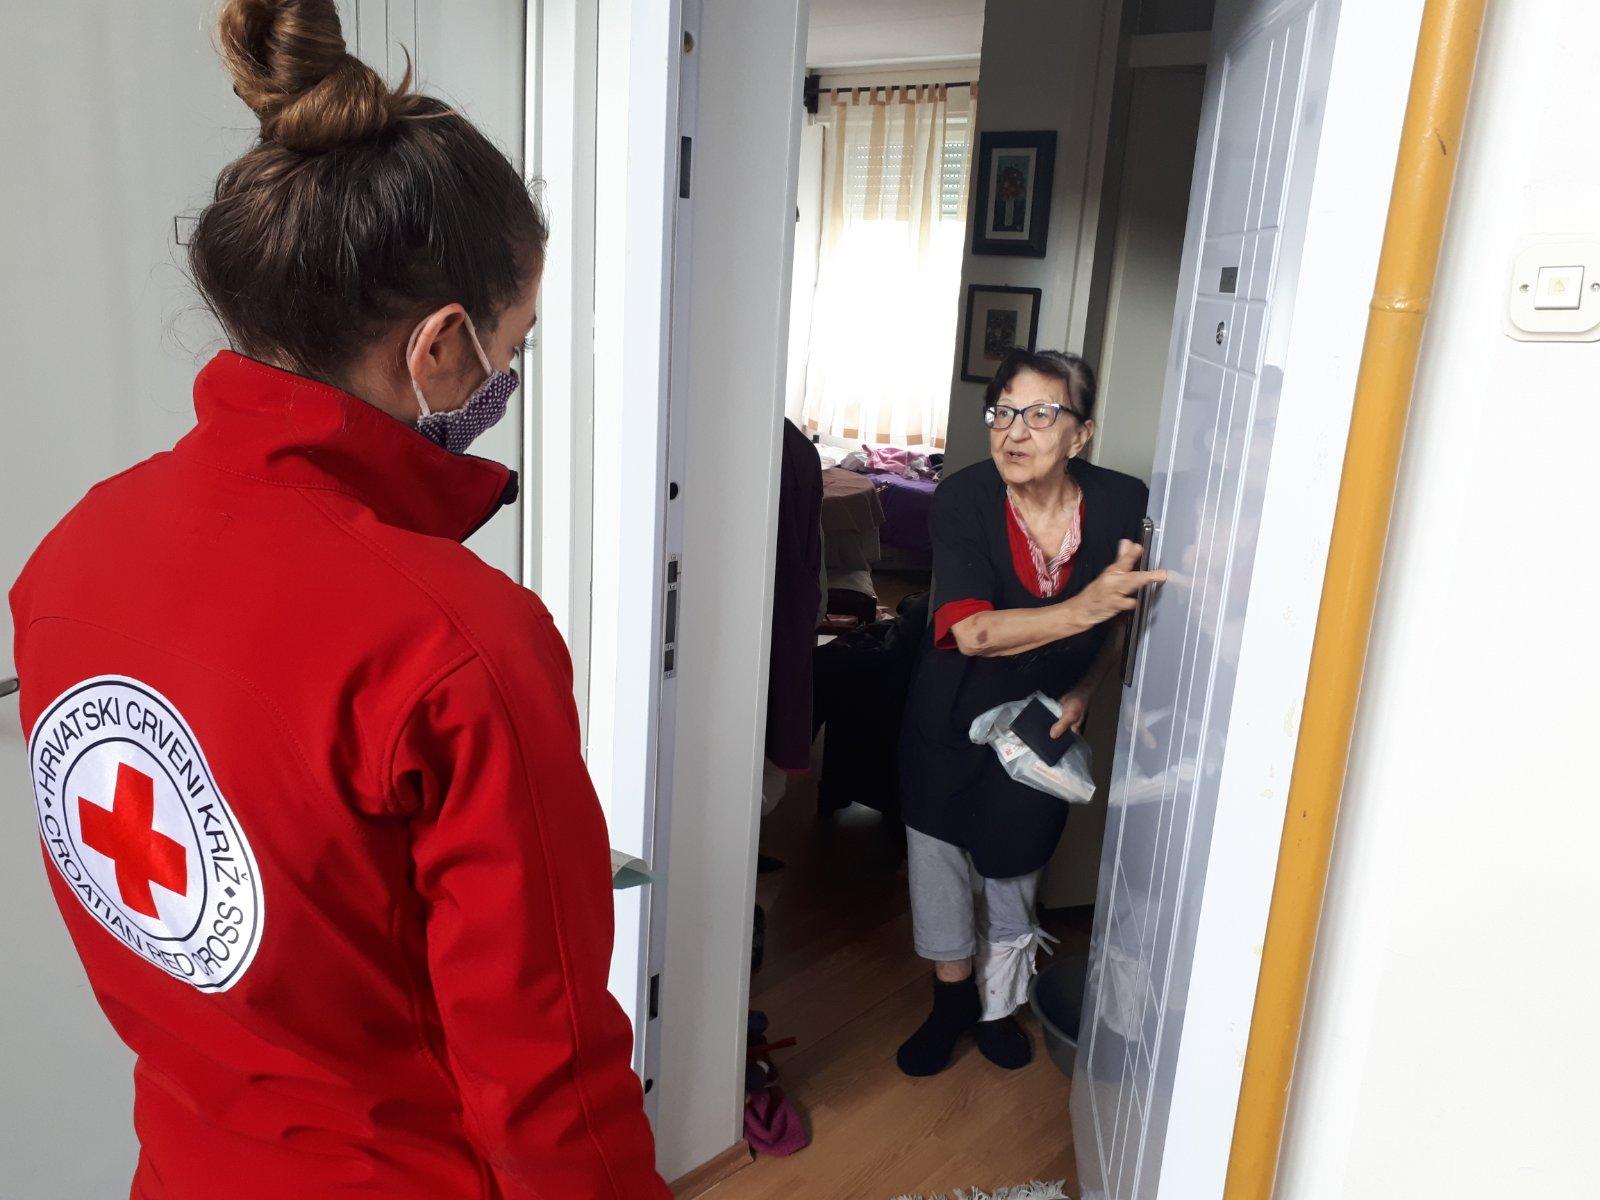 Crveni križ 24 sata na raspolaganju starijima i nemoćnima u doba pandemije